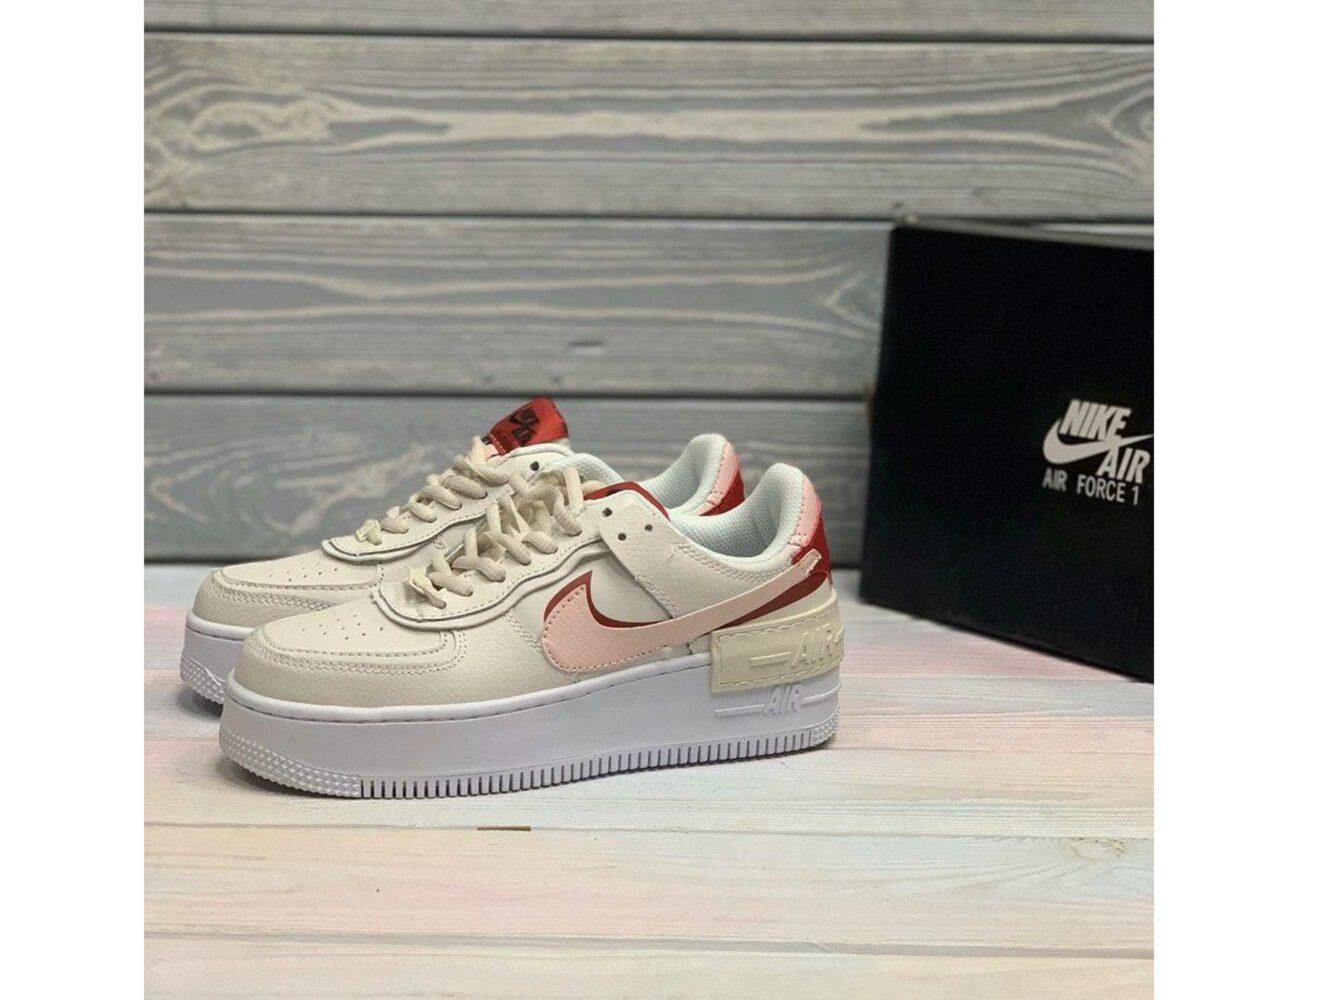 nike air force 1 beige red pink купить